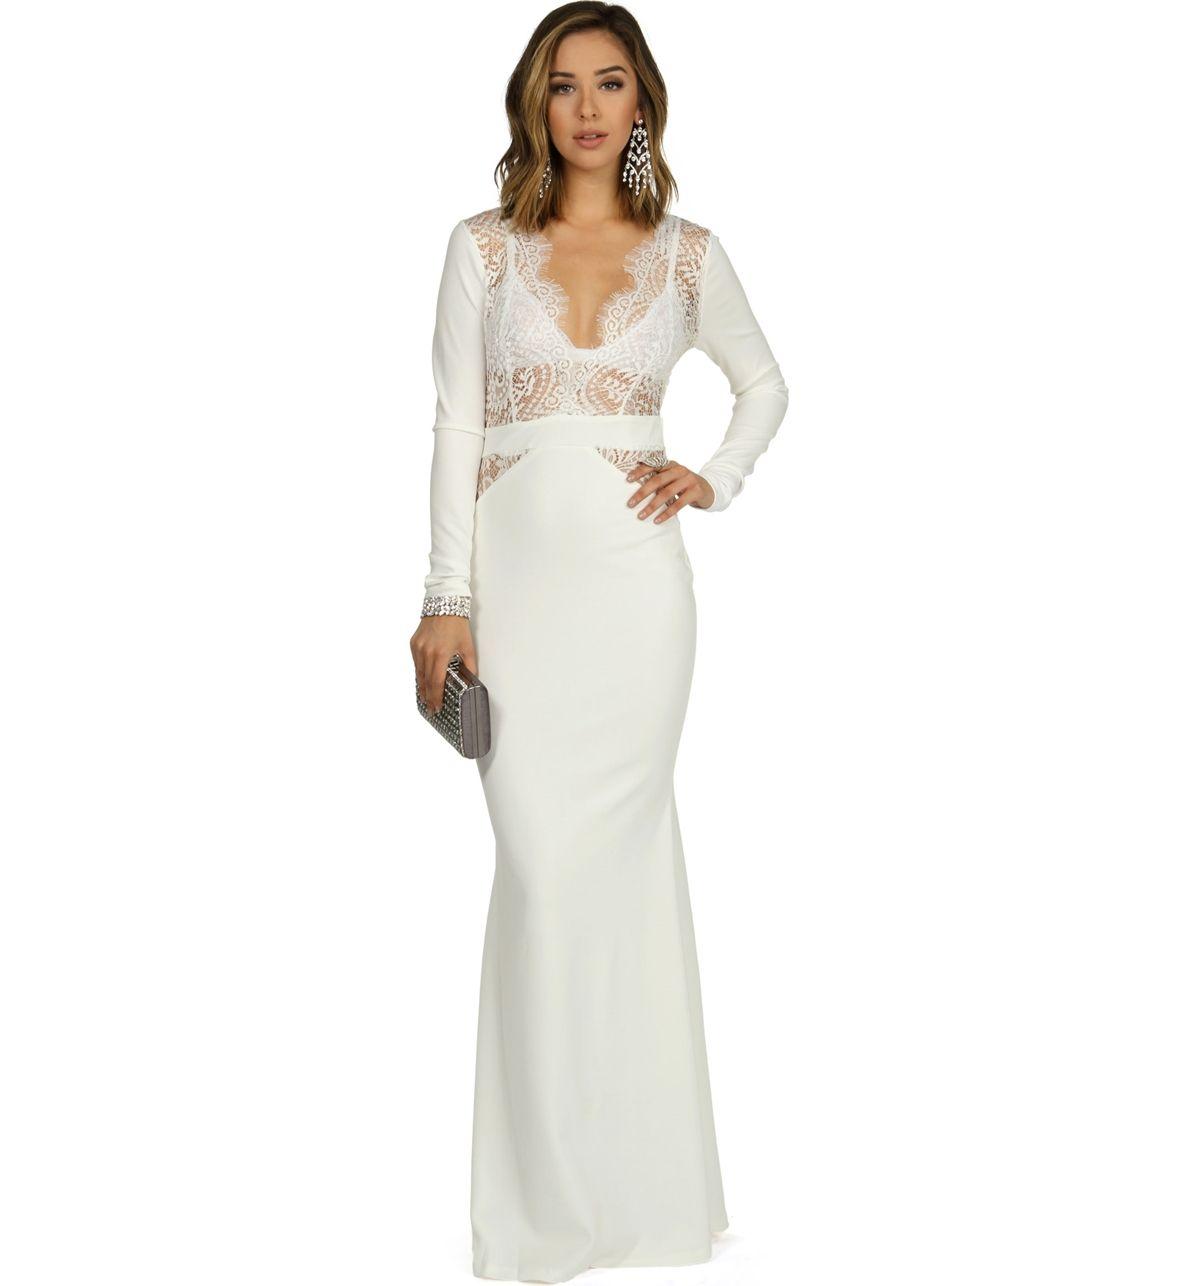 Tara White Prom Dress At WindsorStore